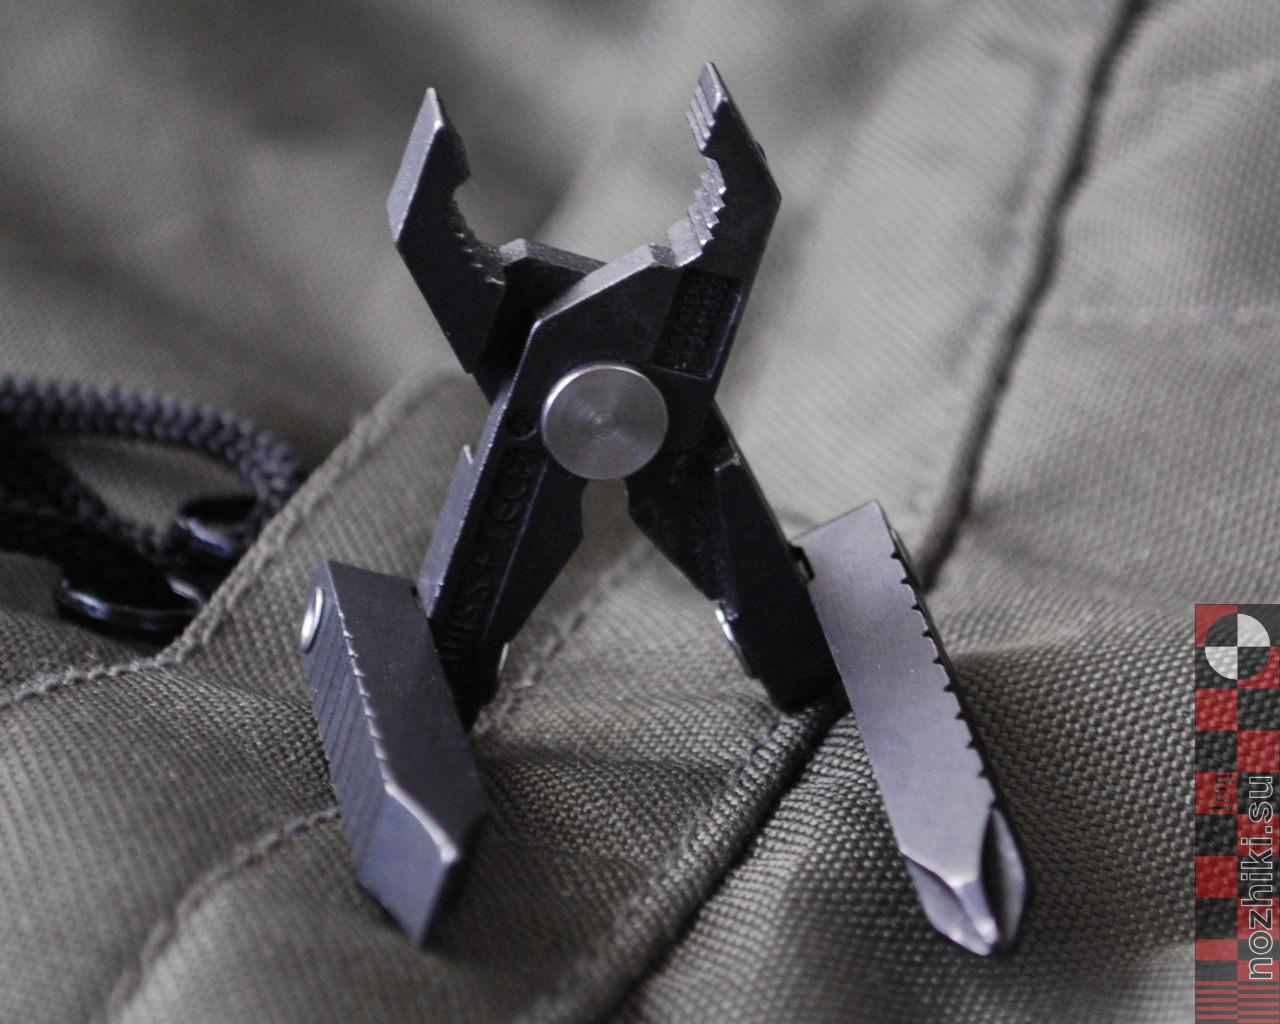 Dsc0541 Swisstech Keyring Tool Wallpaper ножики